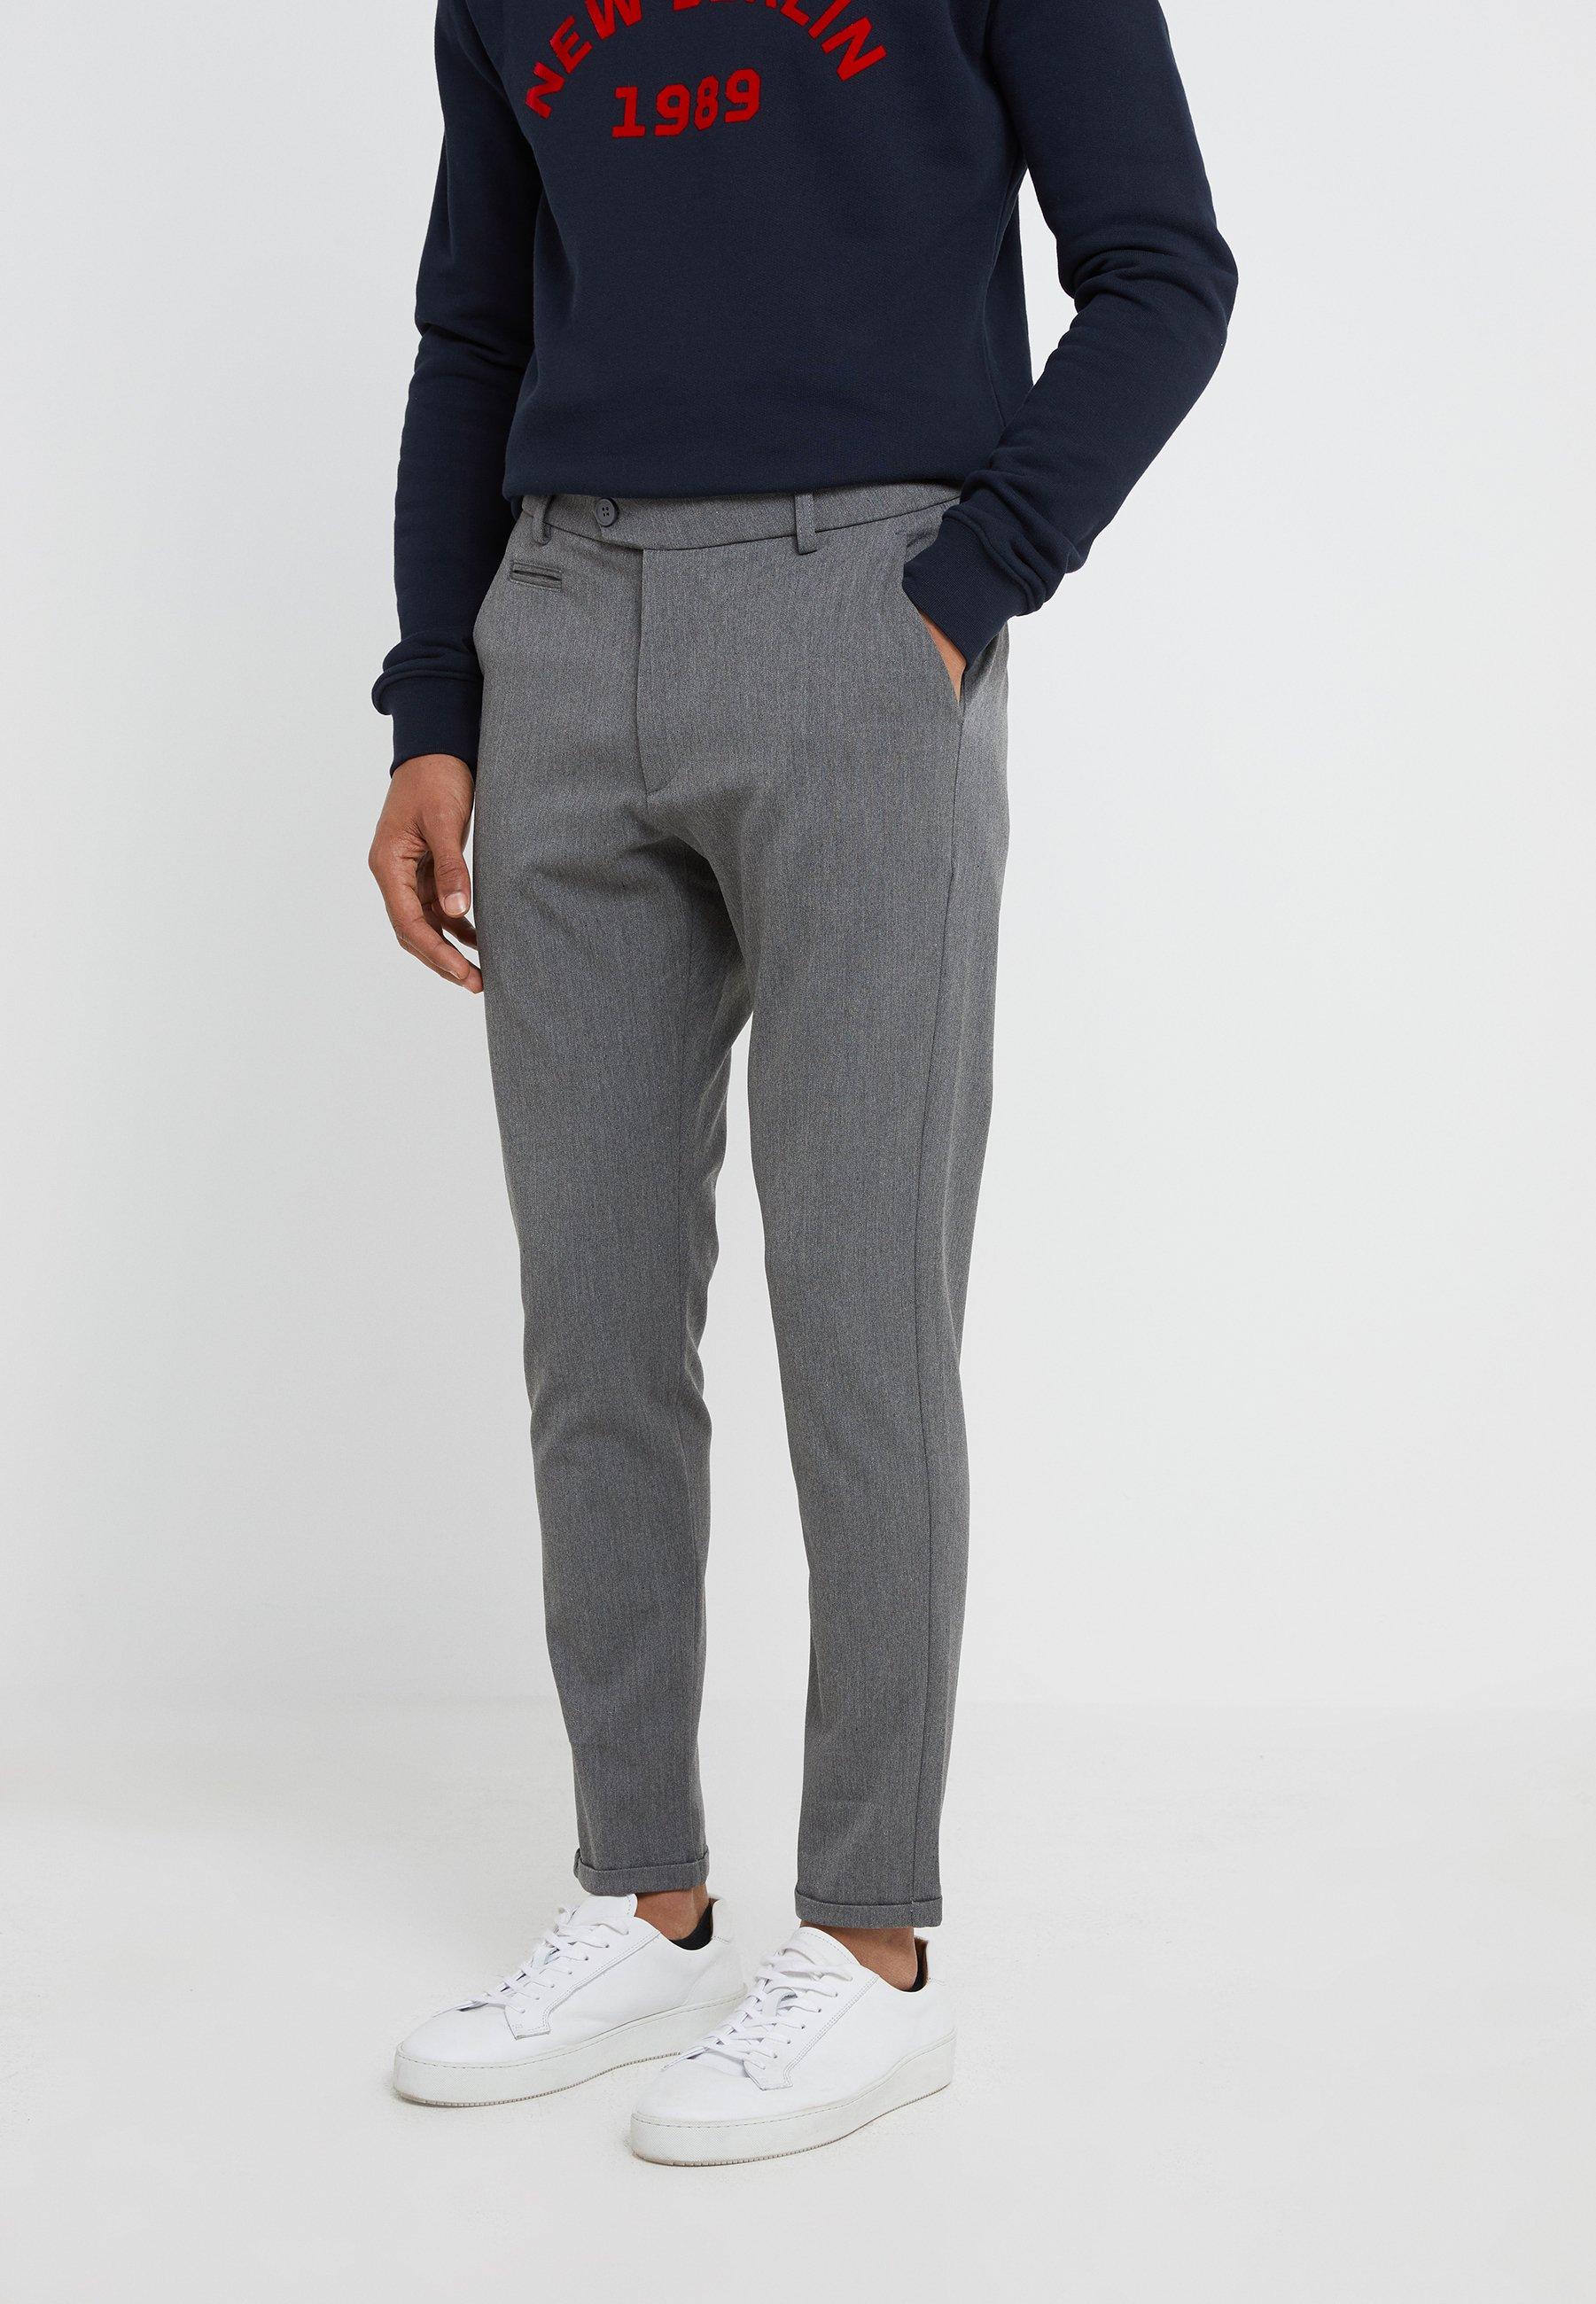 ComoPantalon Les Deux Grey Suit Melange Classique Pants dBxothsQrC